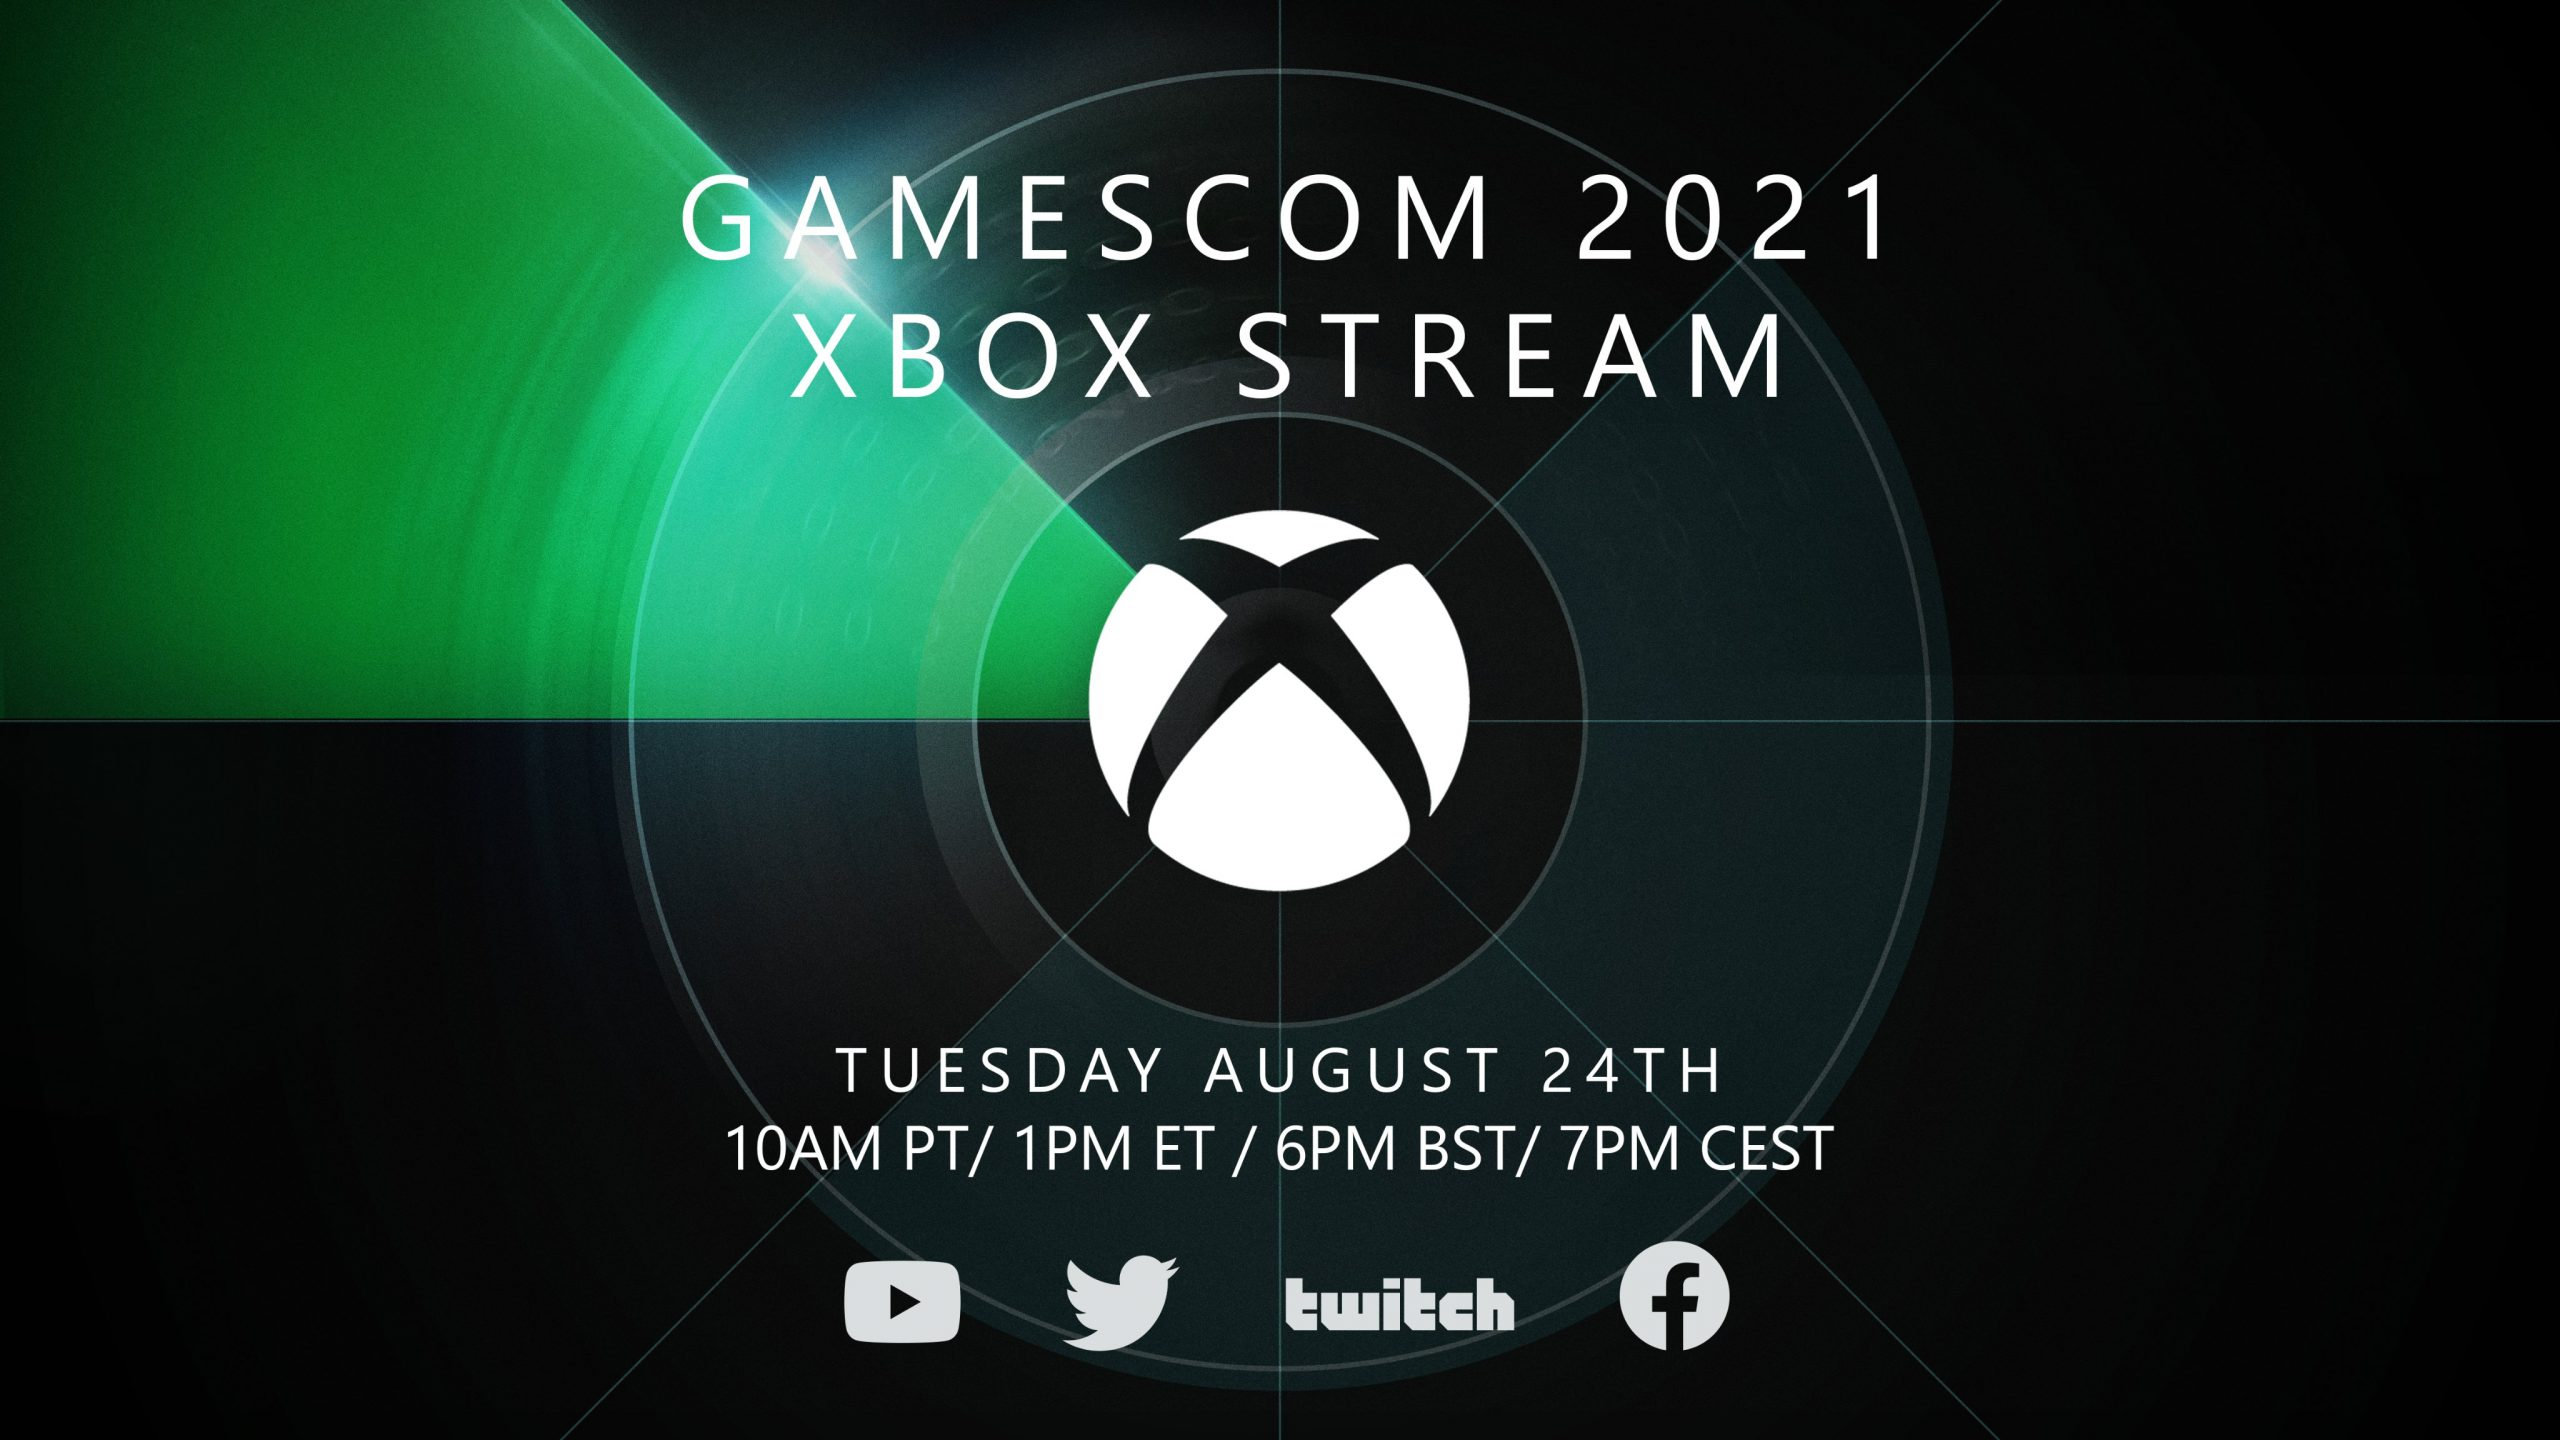 Assistam aqui à conferência Xbox na Gamescom 2021